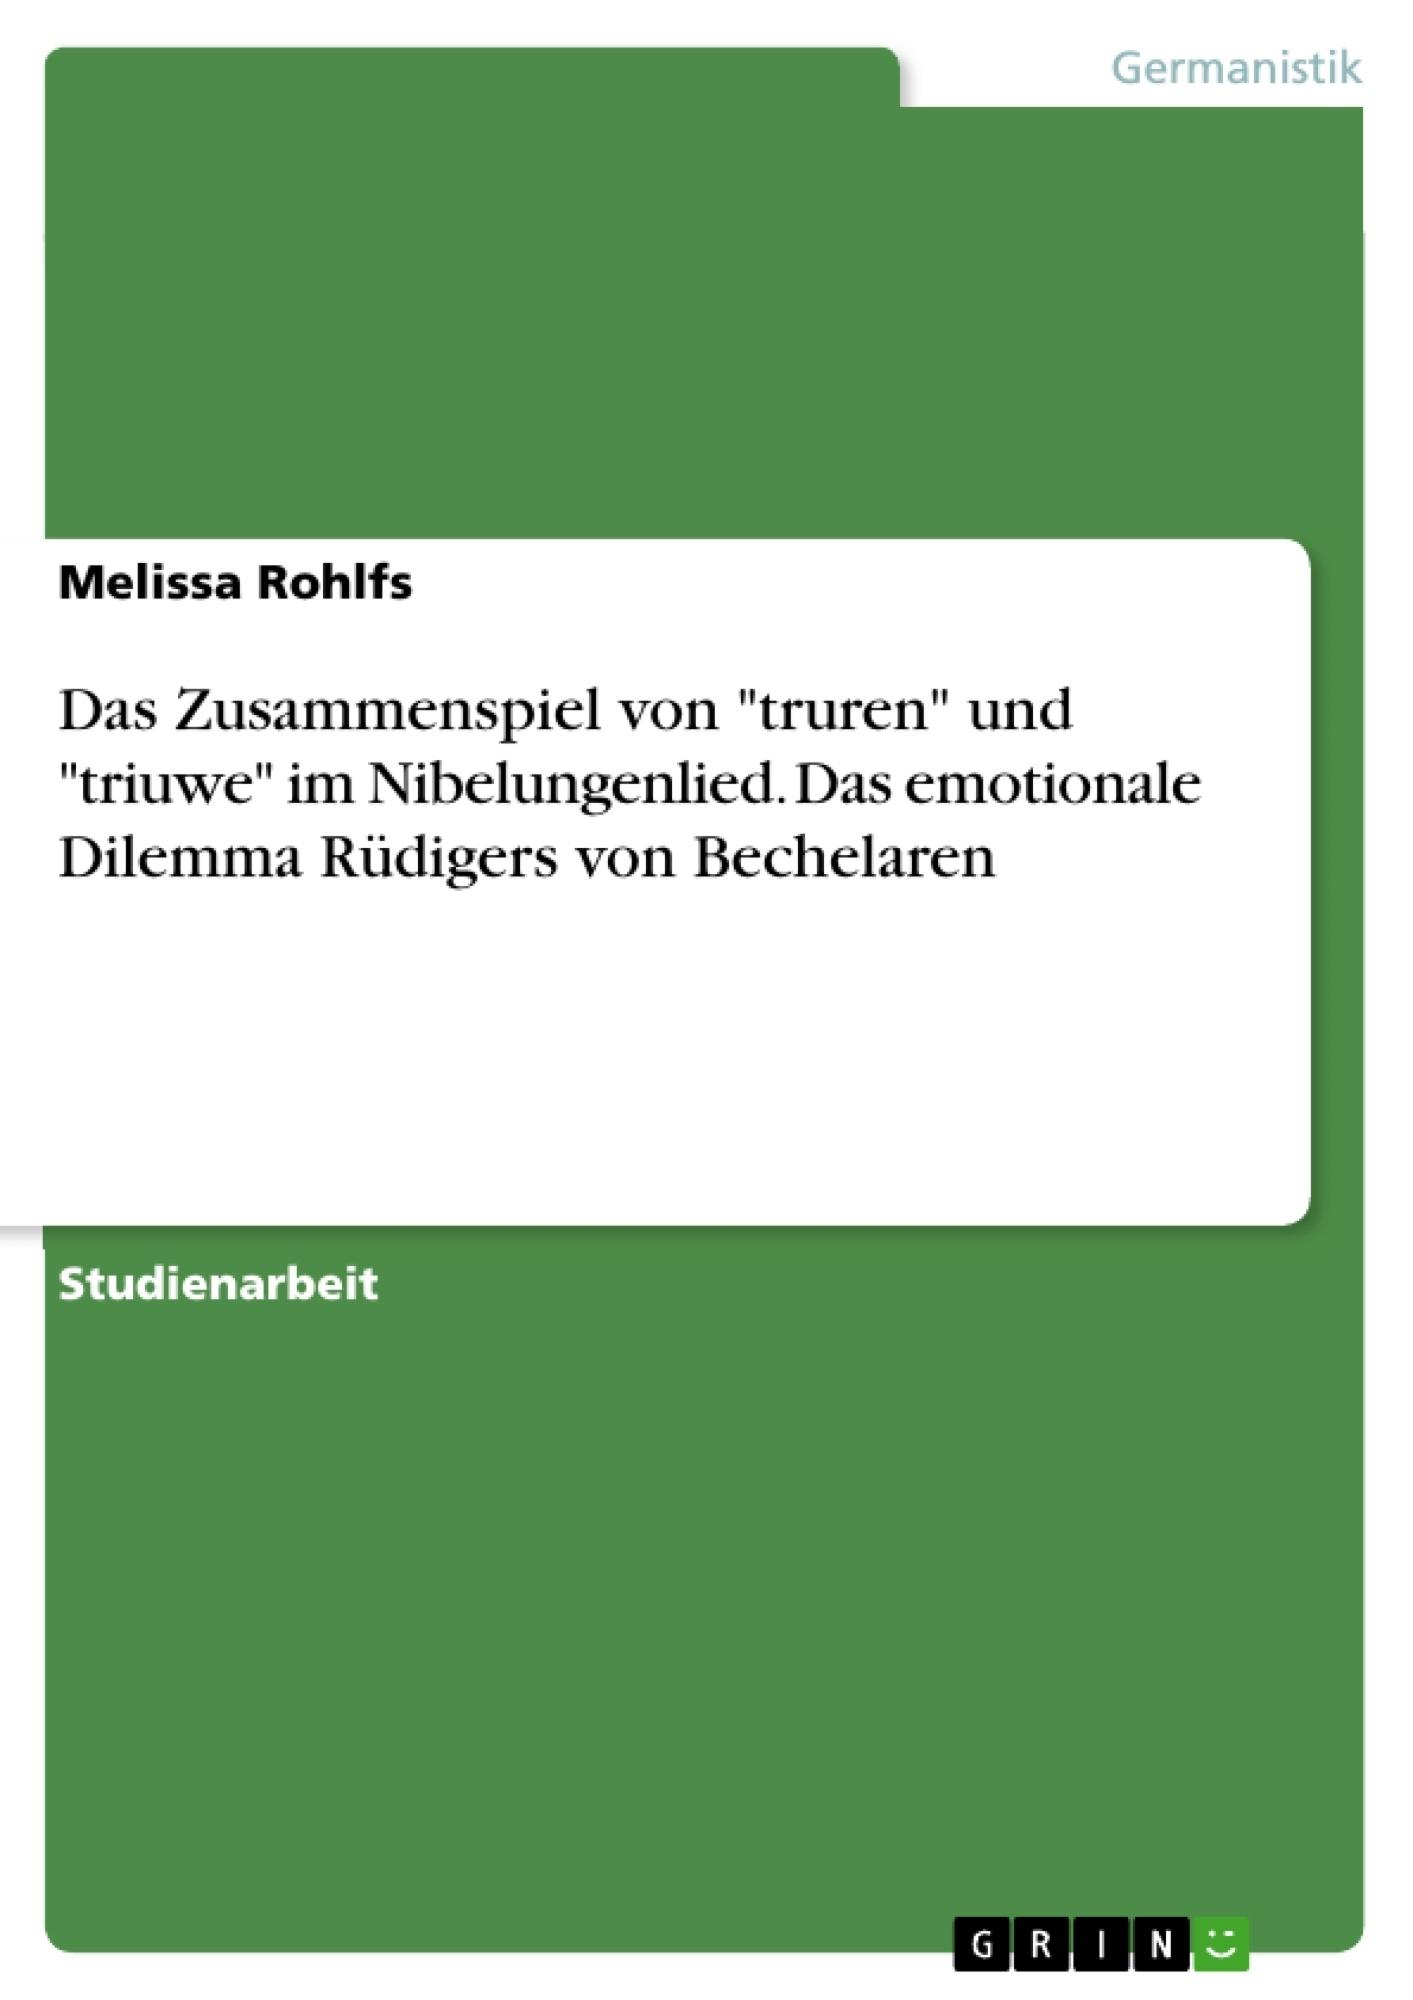 """Titel: Das Zusammenspiel von """"truren"""" und """"triuwe"""" im Nibelungenlied. Das emotionale Dilemma Rüdigers von Bechelaren"""